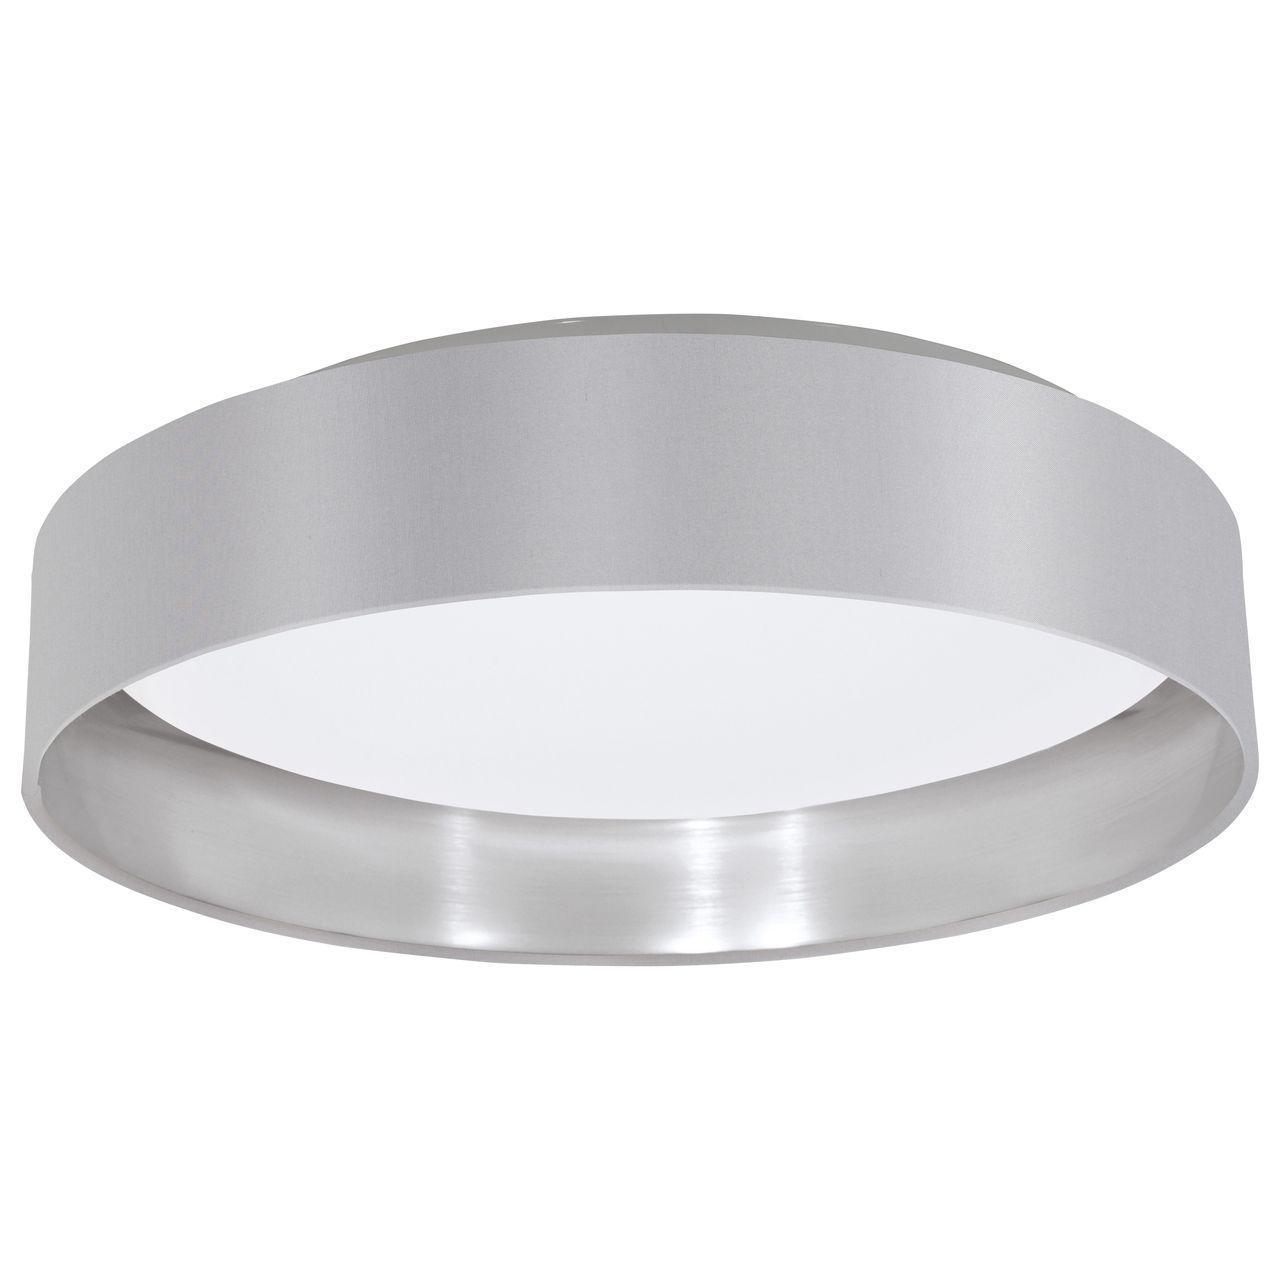 Потолочный светильник Eglo Maserlo 31623 потолочный светильник eglo maserlo 31622